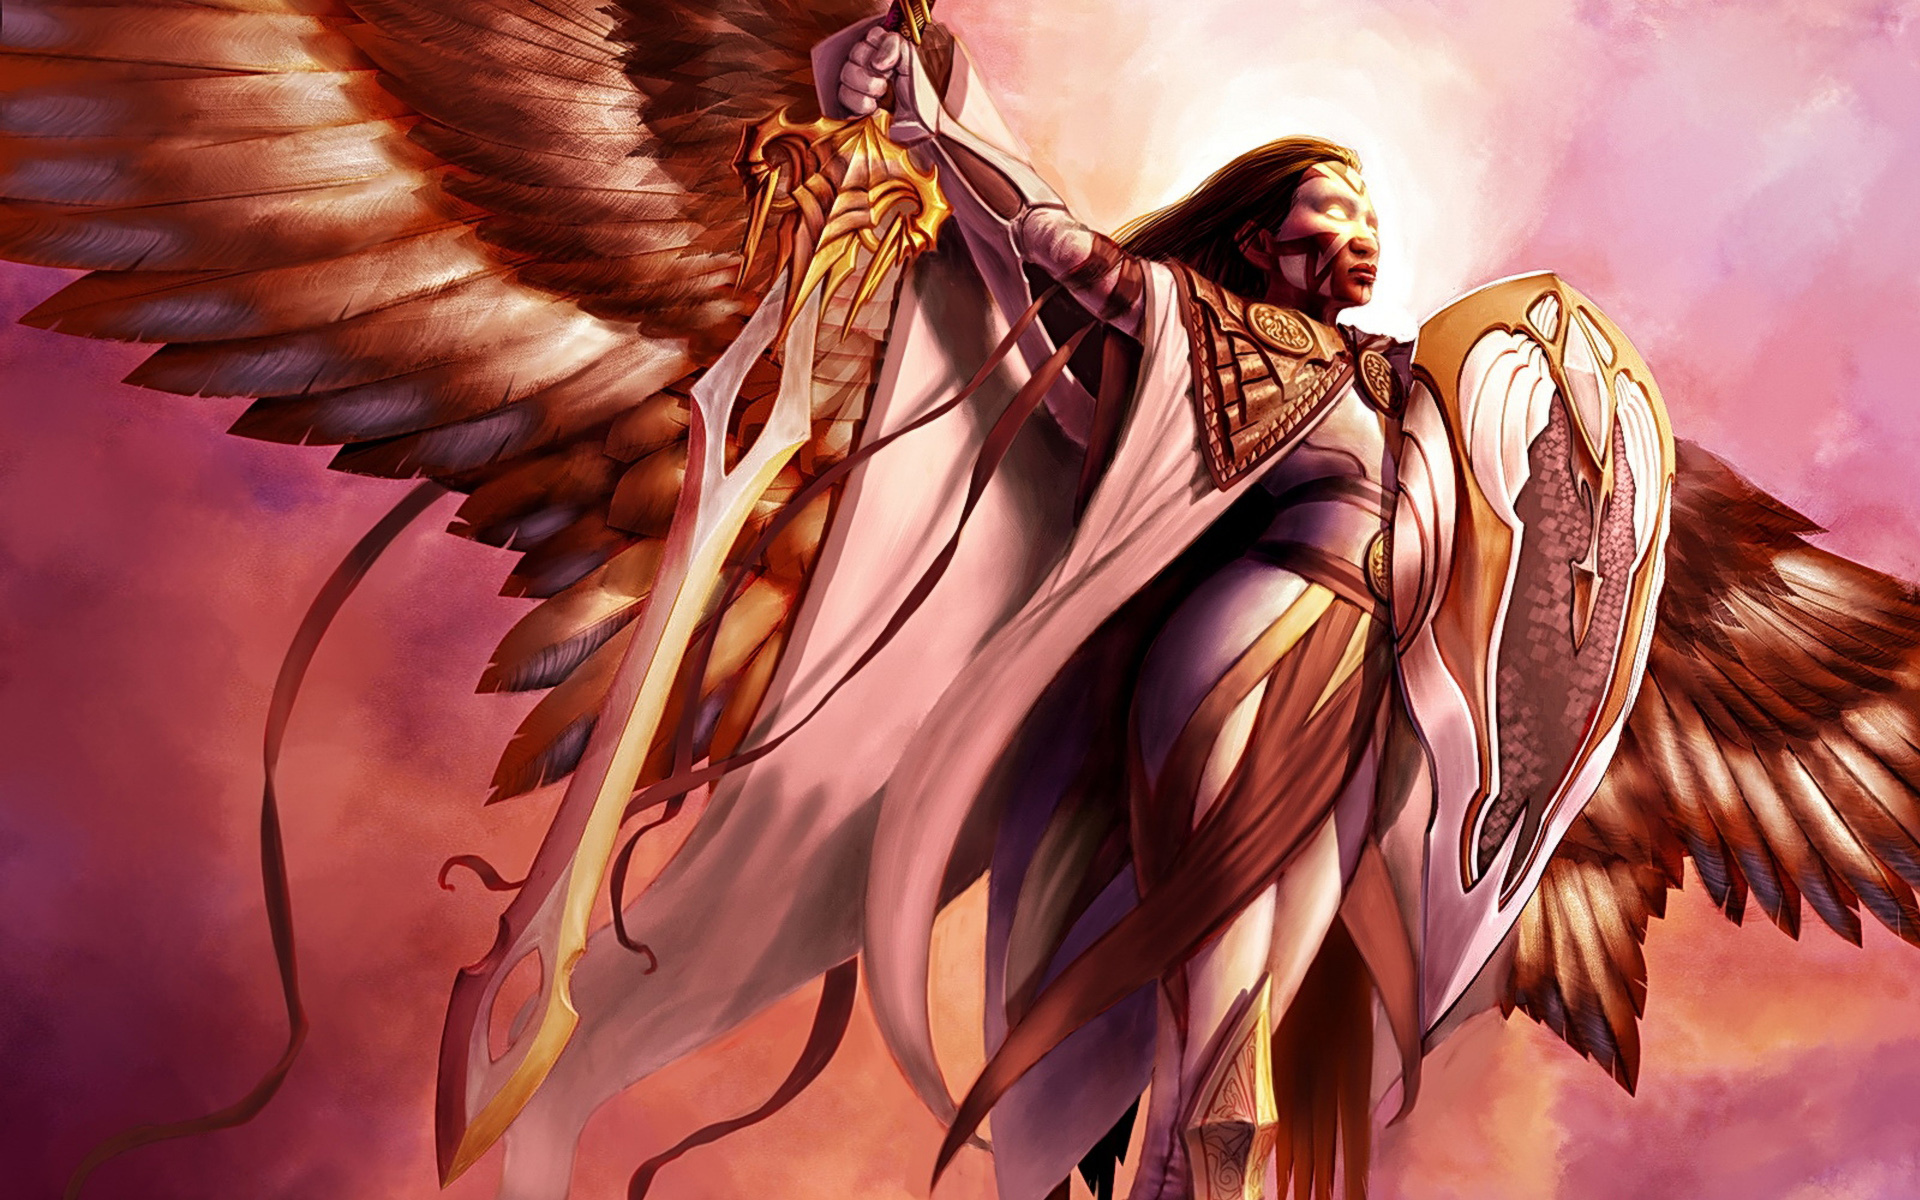 Фото архангела с девушкой